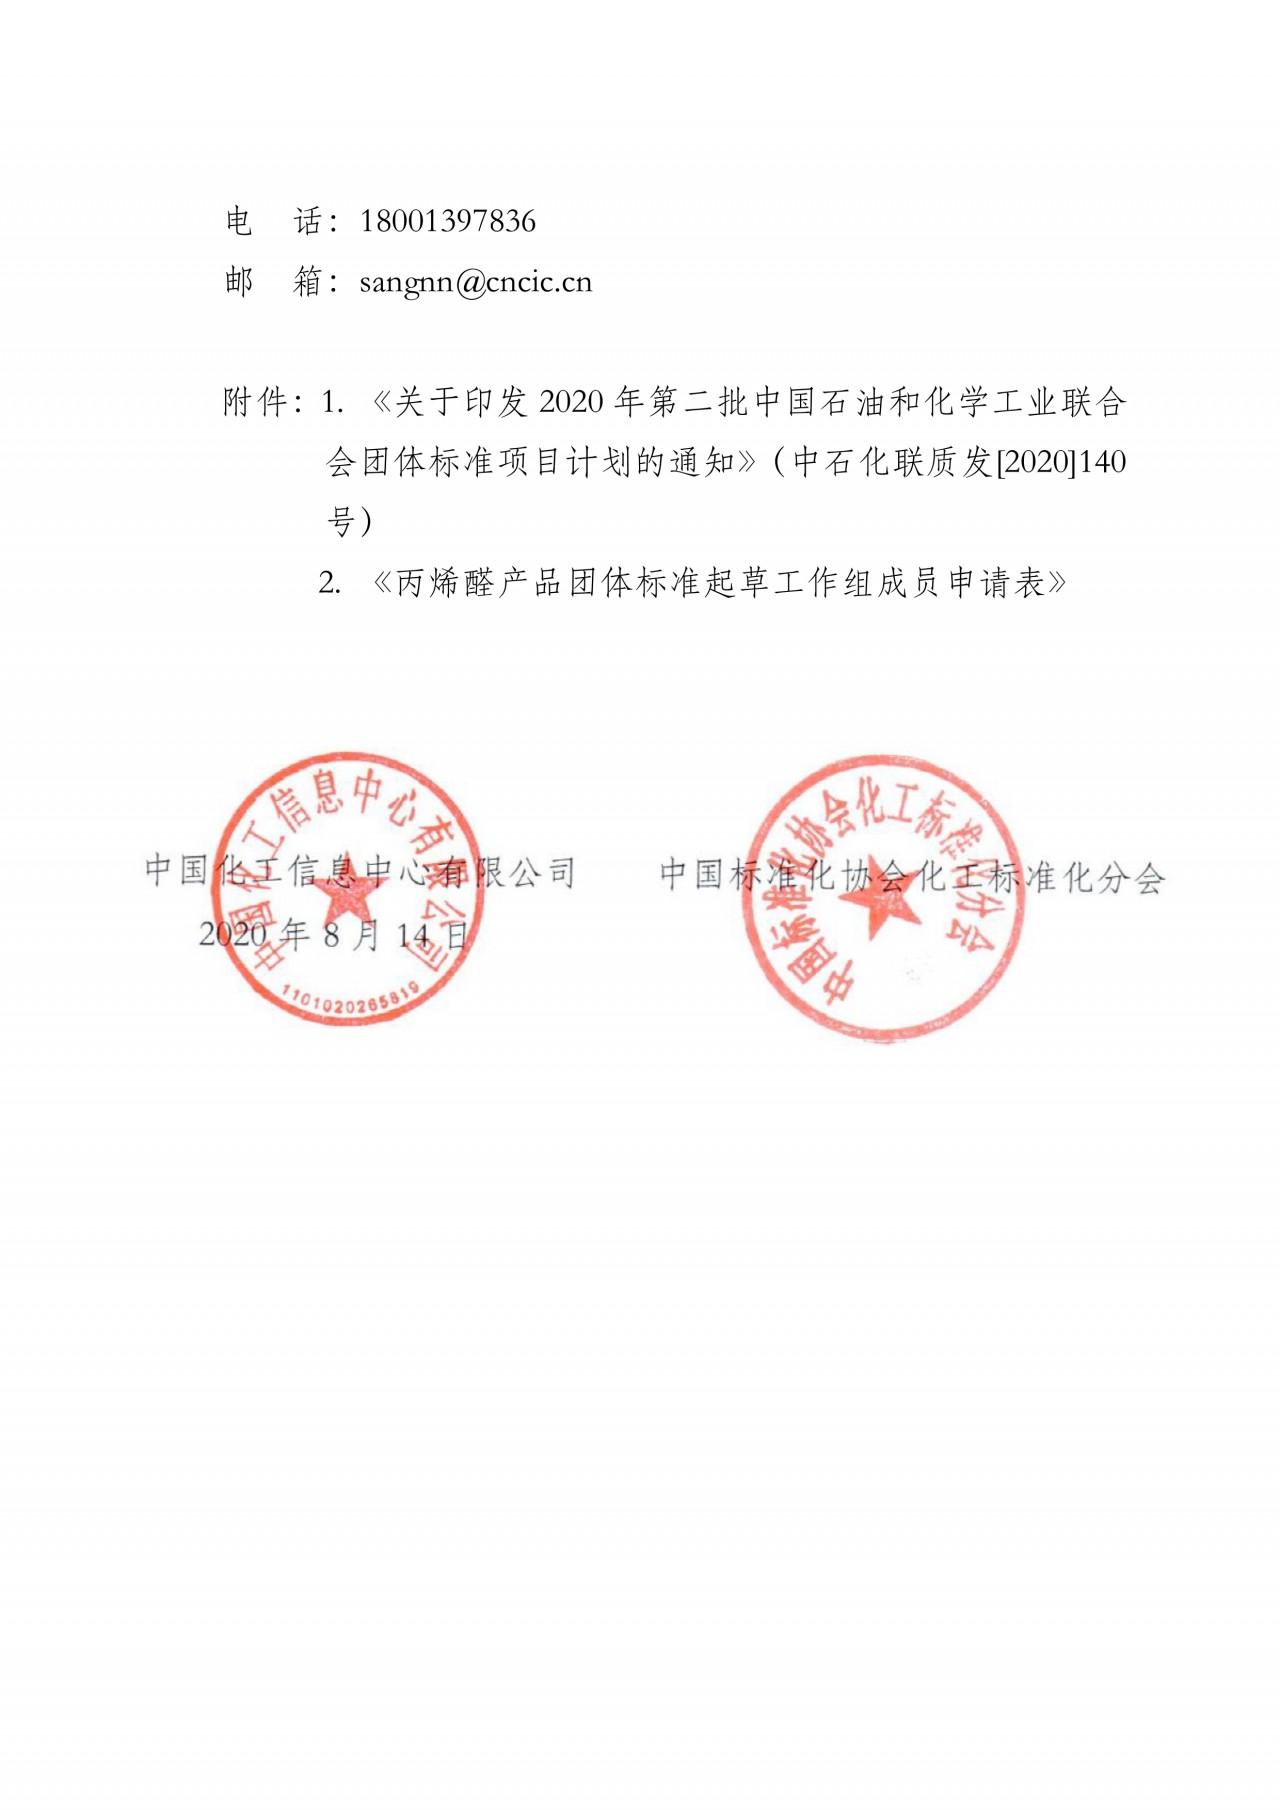 082414434099_0关于邀请加入《丙烯醛》团体标准起草工作组的函1_3.Jpeg